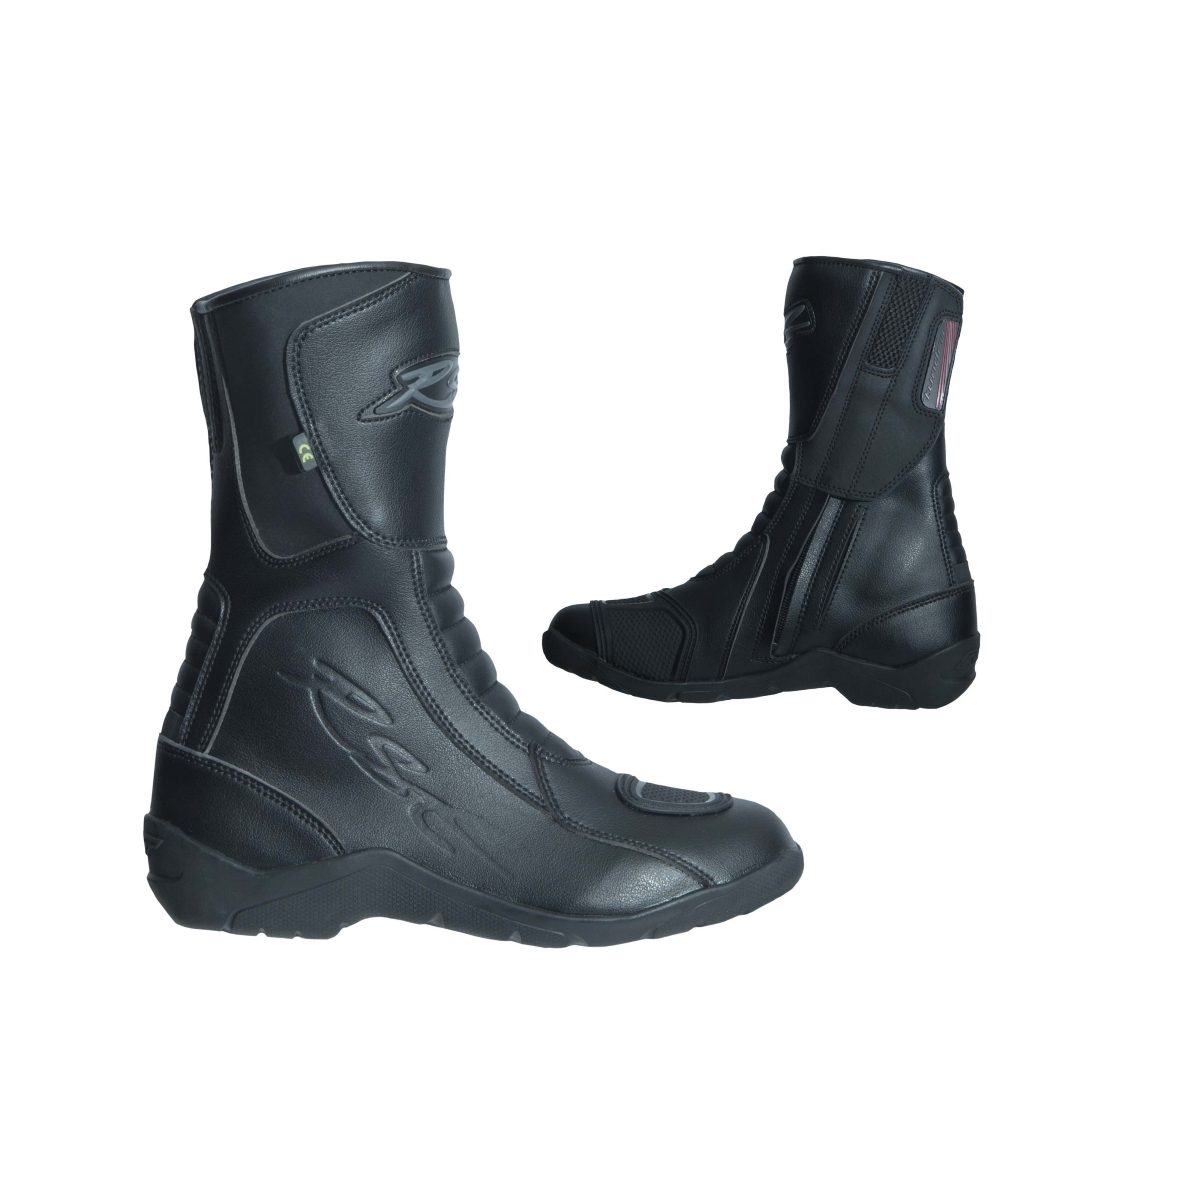 RST アールエスティー:RST 1706 TUNDRA CE LADIES WP BOOT レディース ブーツ